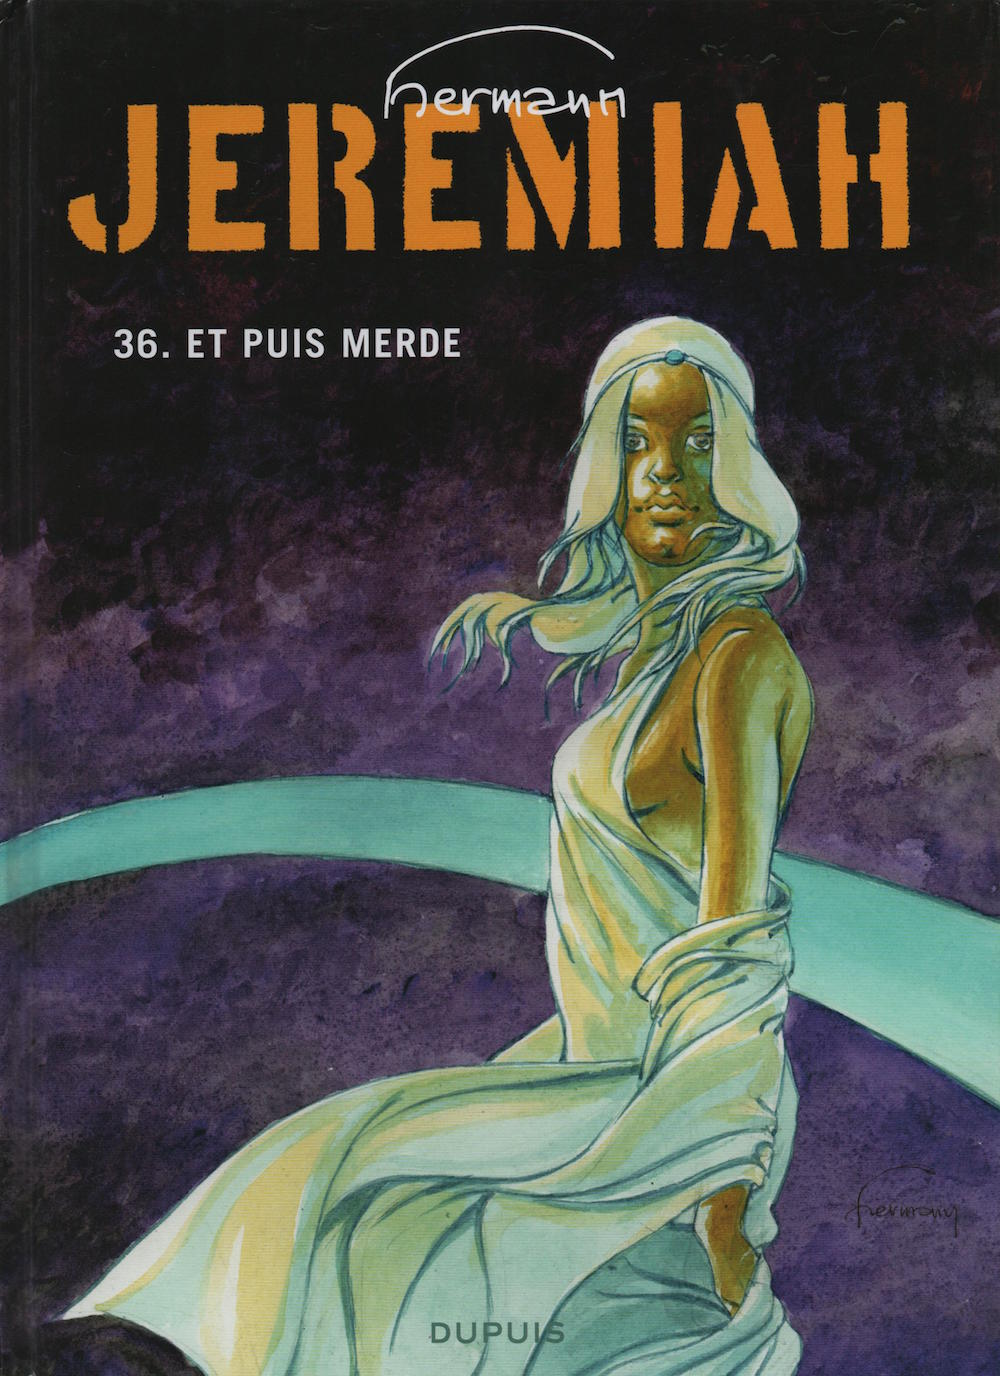 jeremiah36